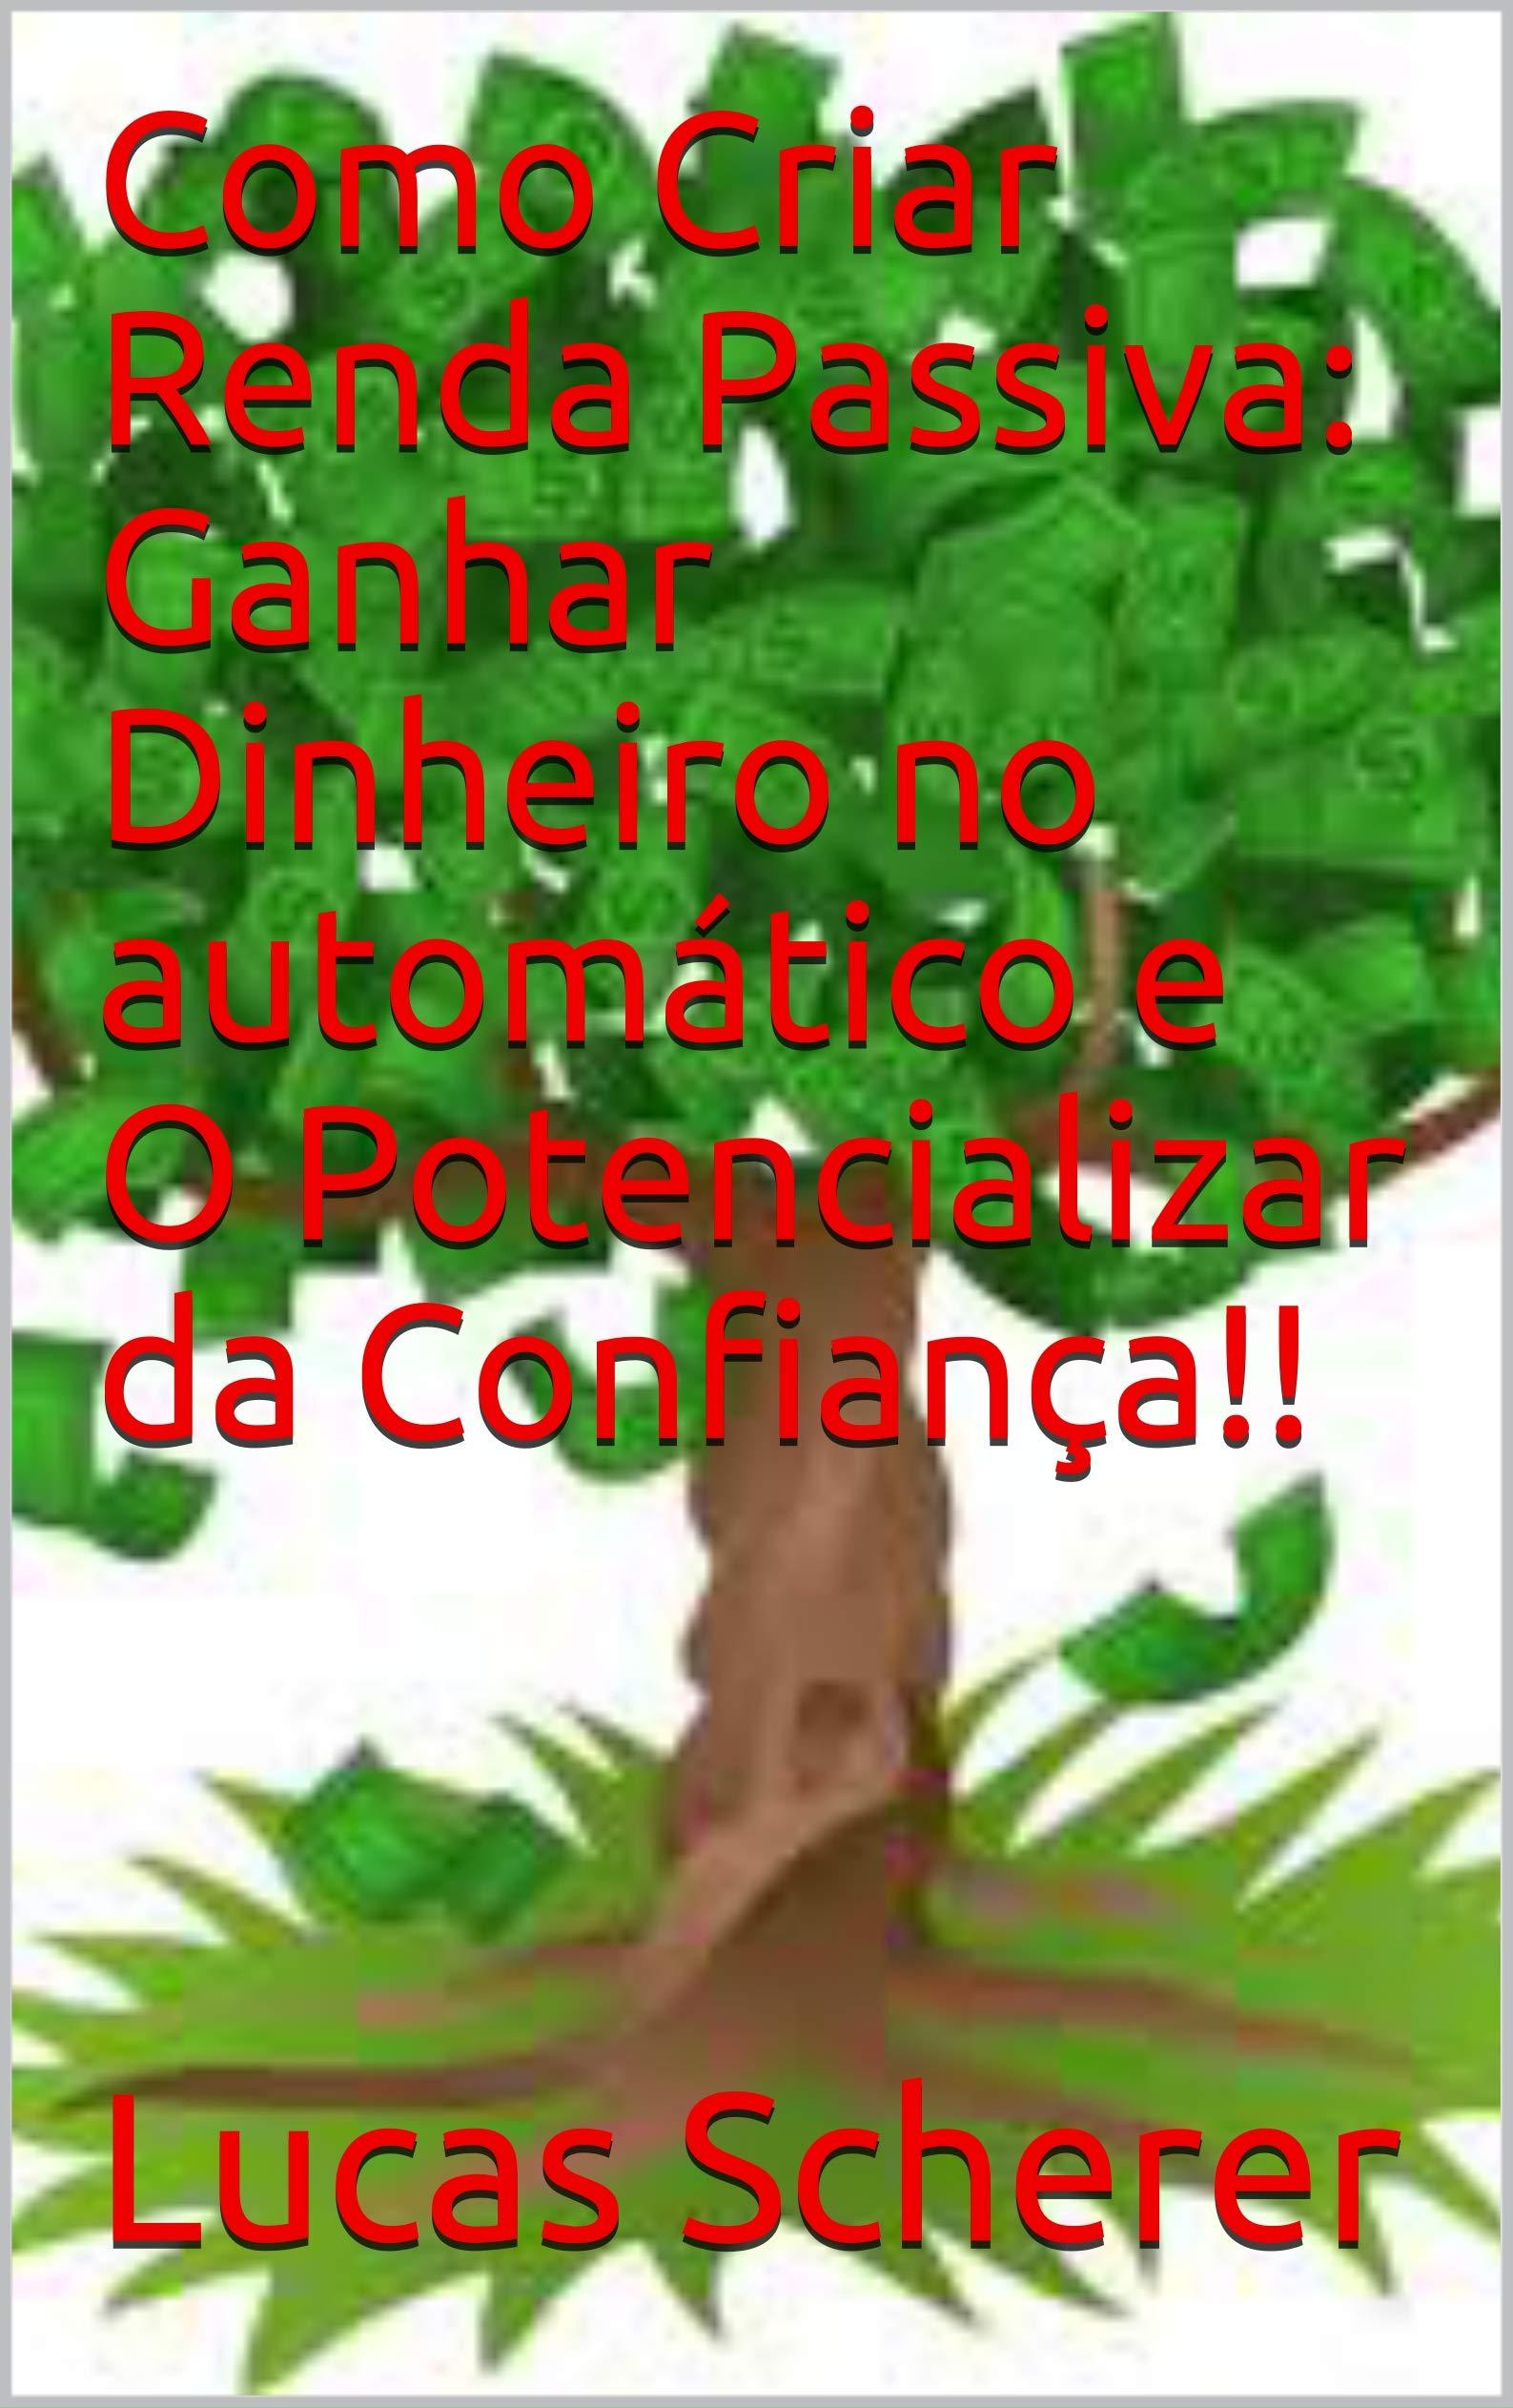 Como Criar Renda Passiva: Ganhar Dinheiro no automático e O Potencializar da Confiança!! (Portuguese Edition)